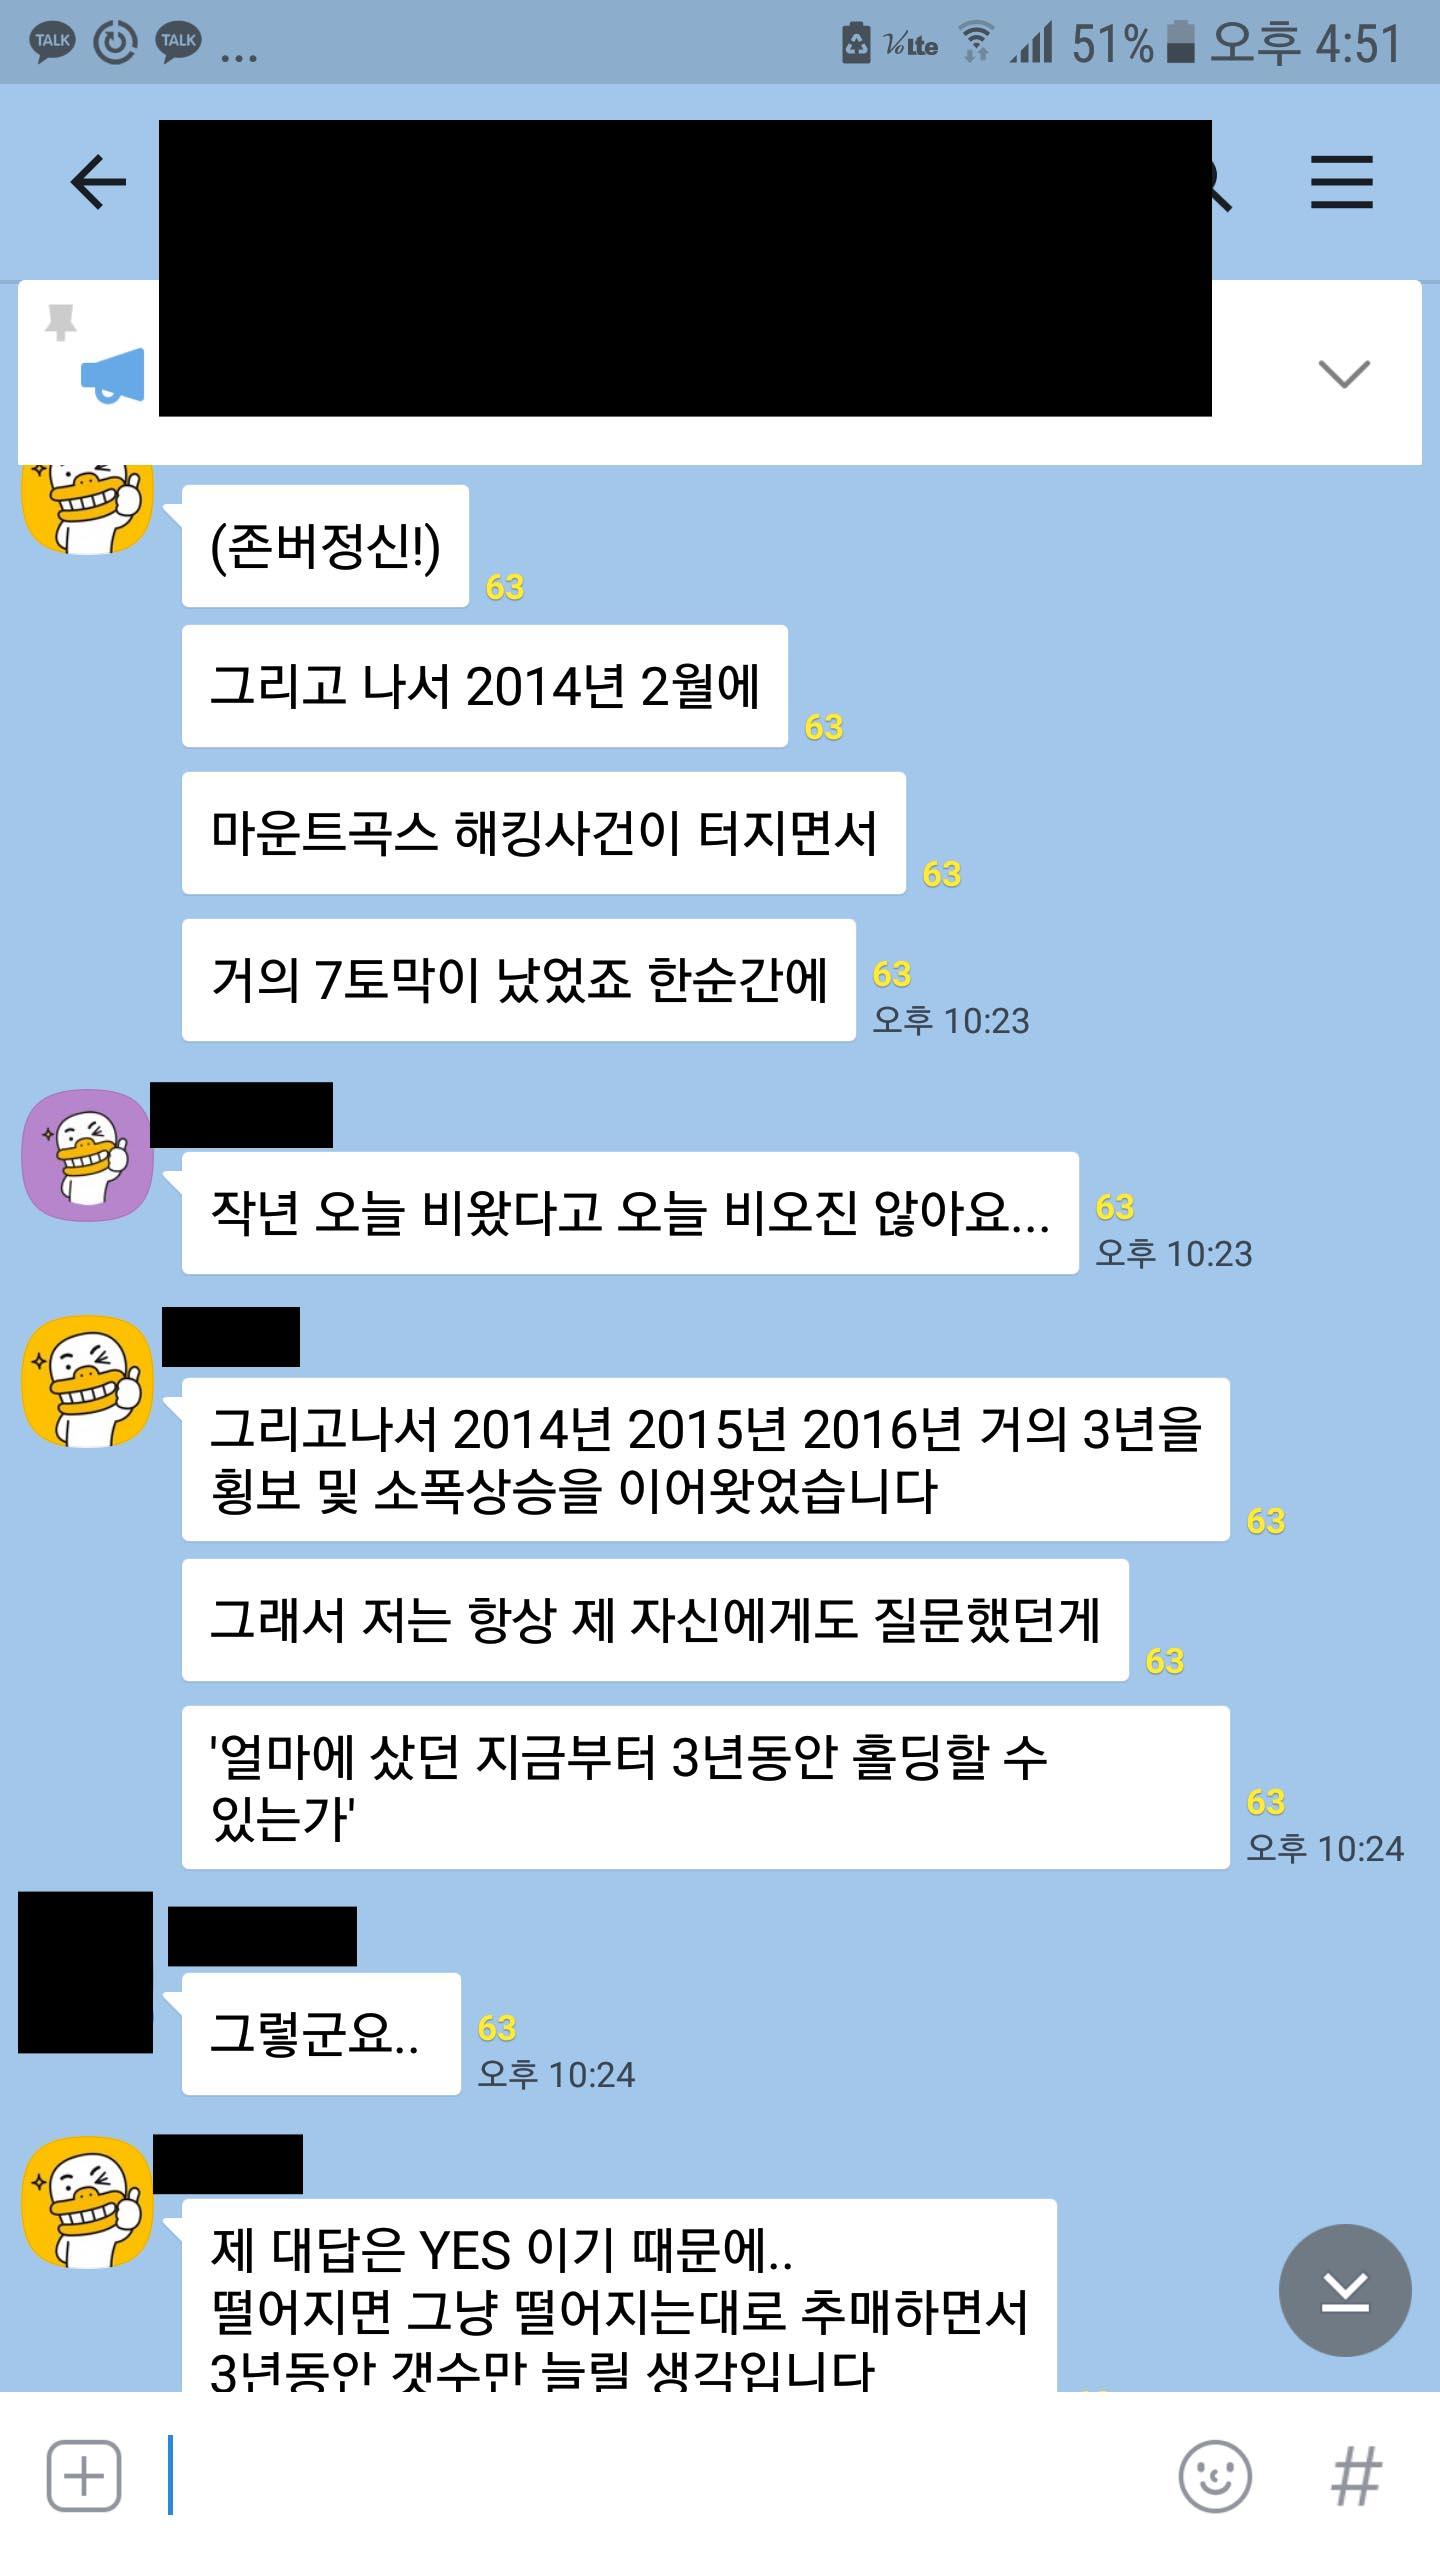 Screenshot_20190116-165126.jpg